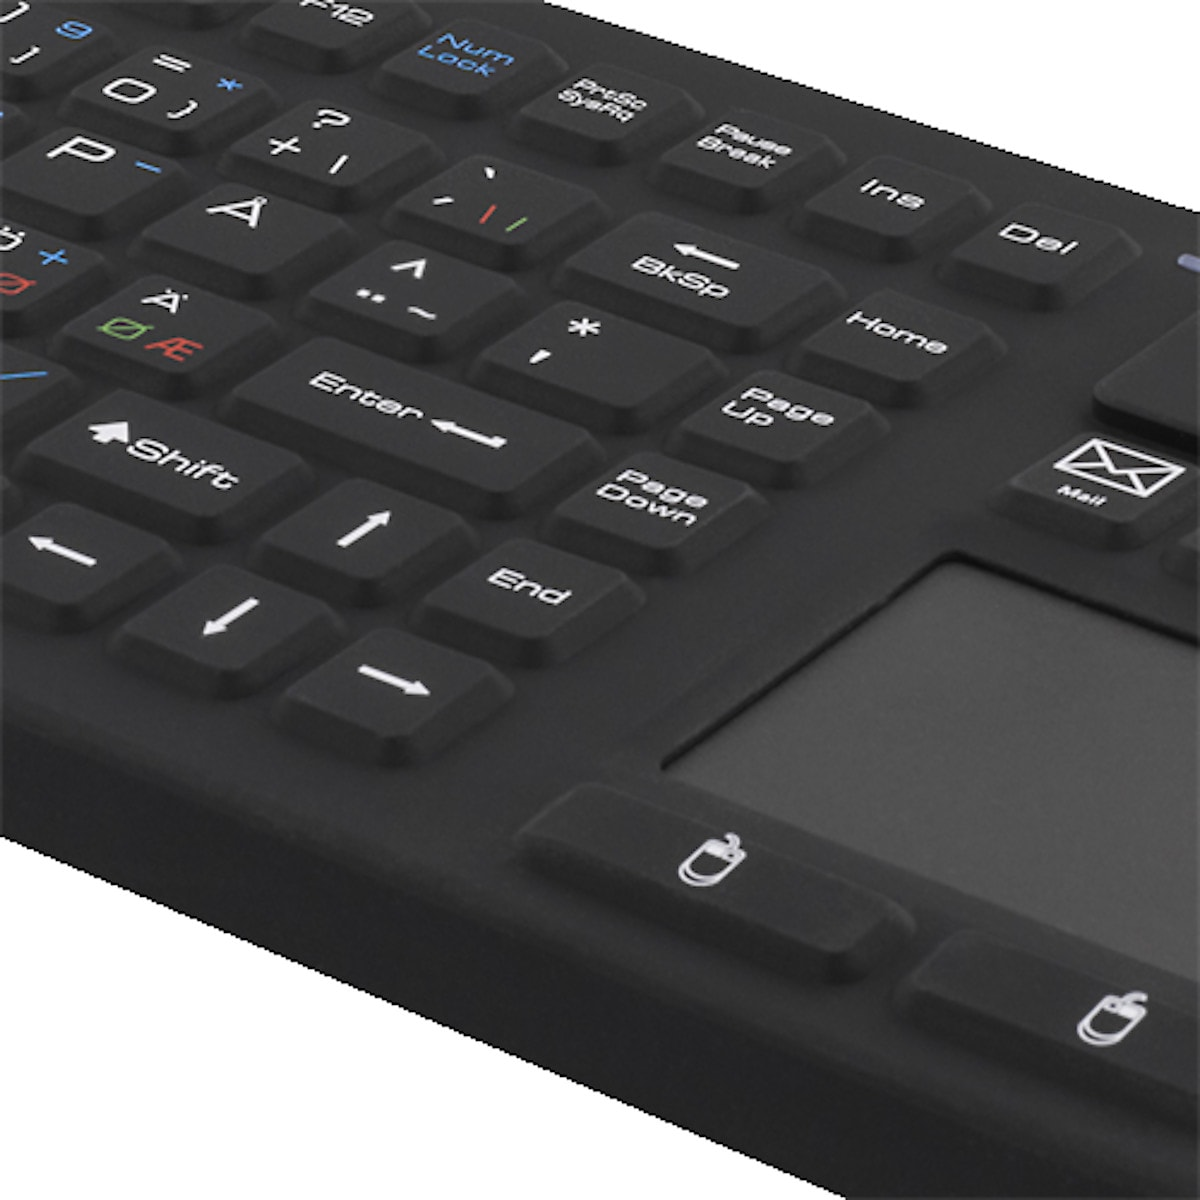 Trådlöst tangentbord med touchplatta Deltaco TB 503 | Clas